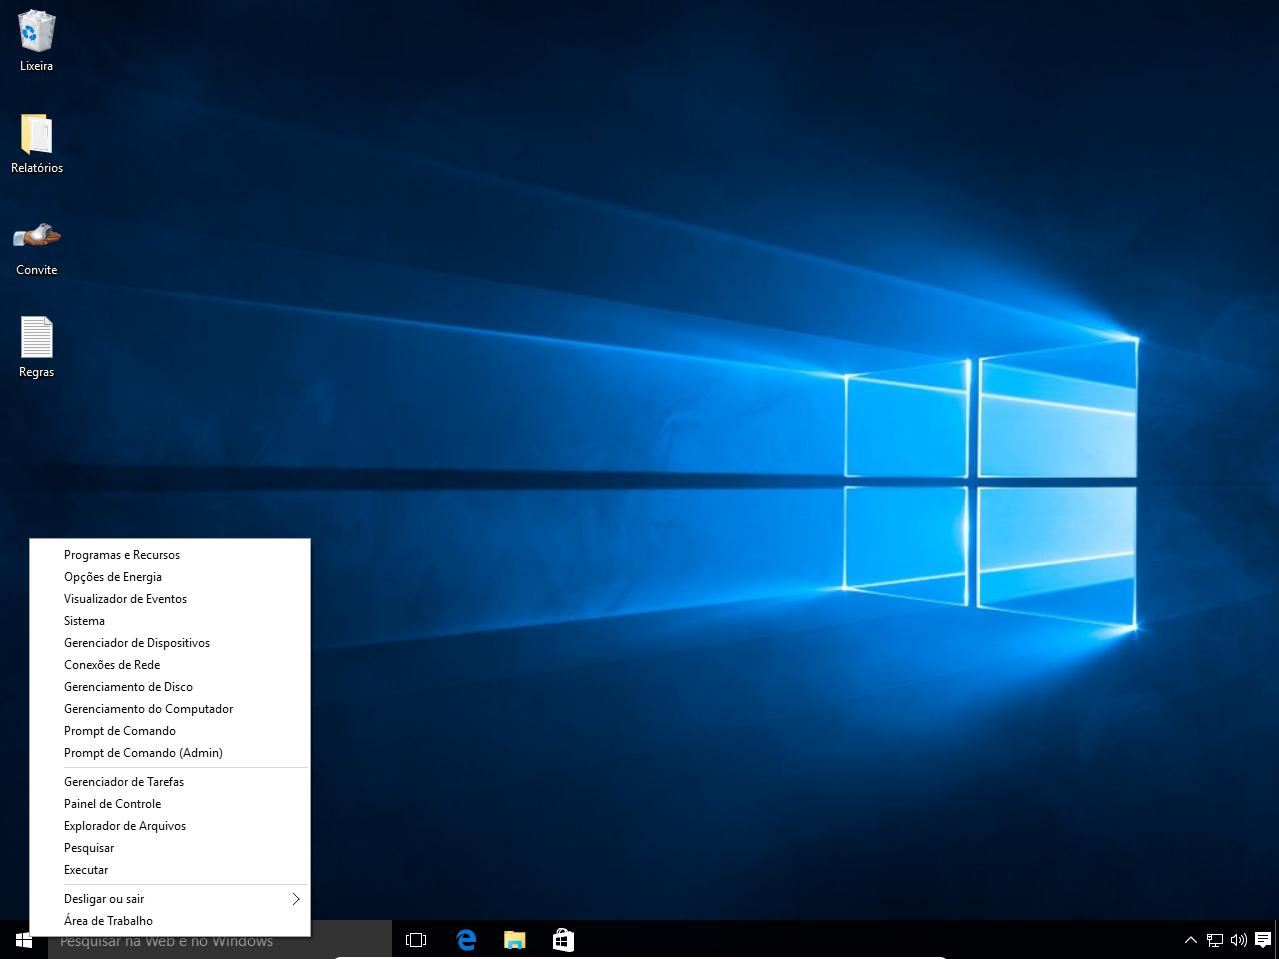 centra de rede e compartilhamento no windows